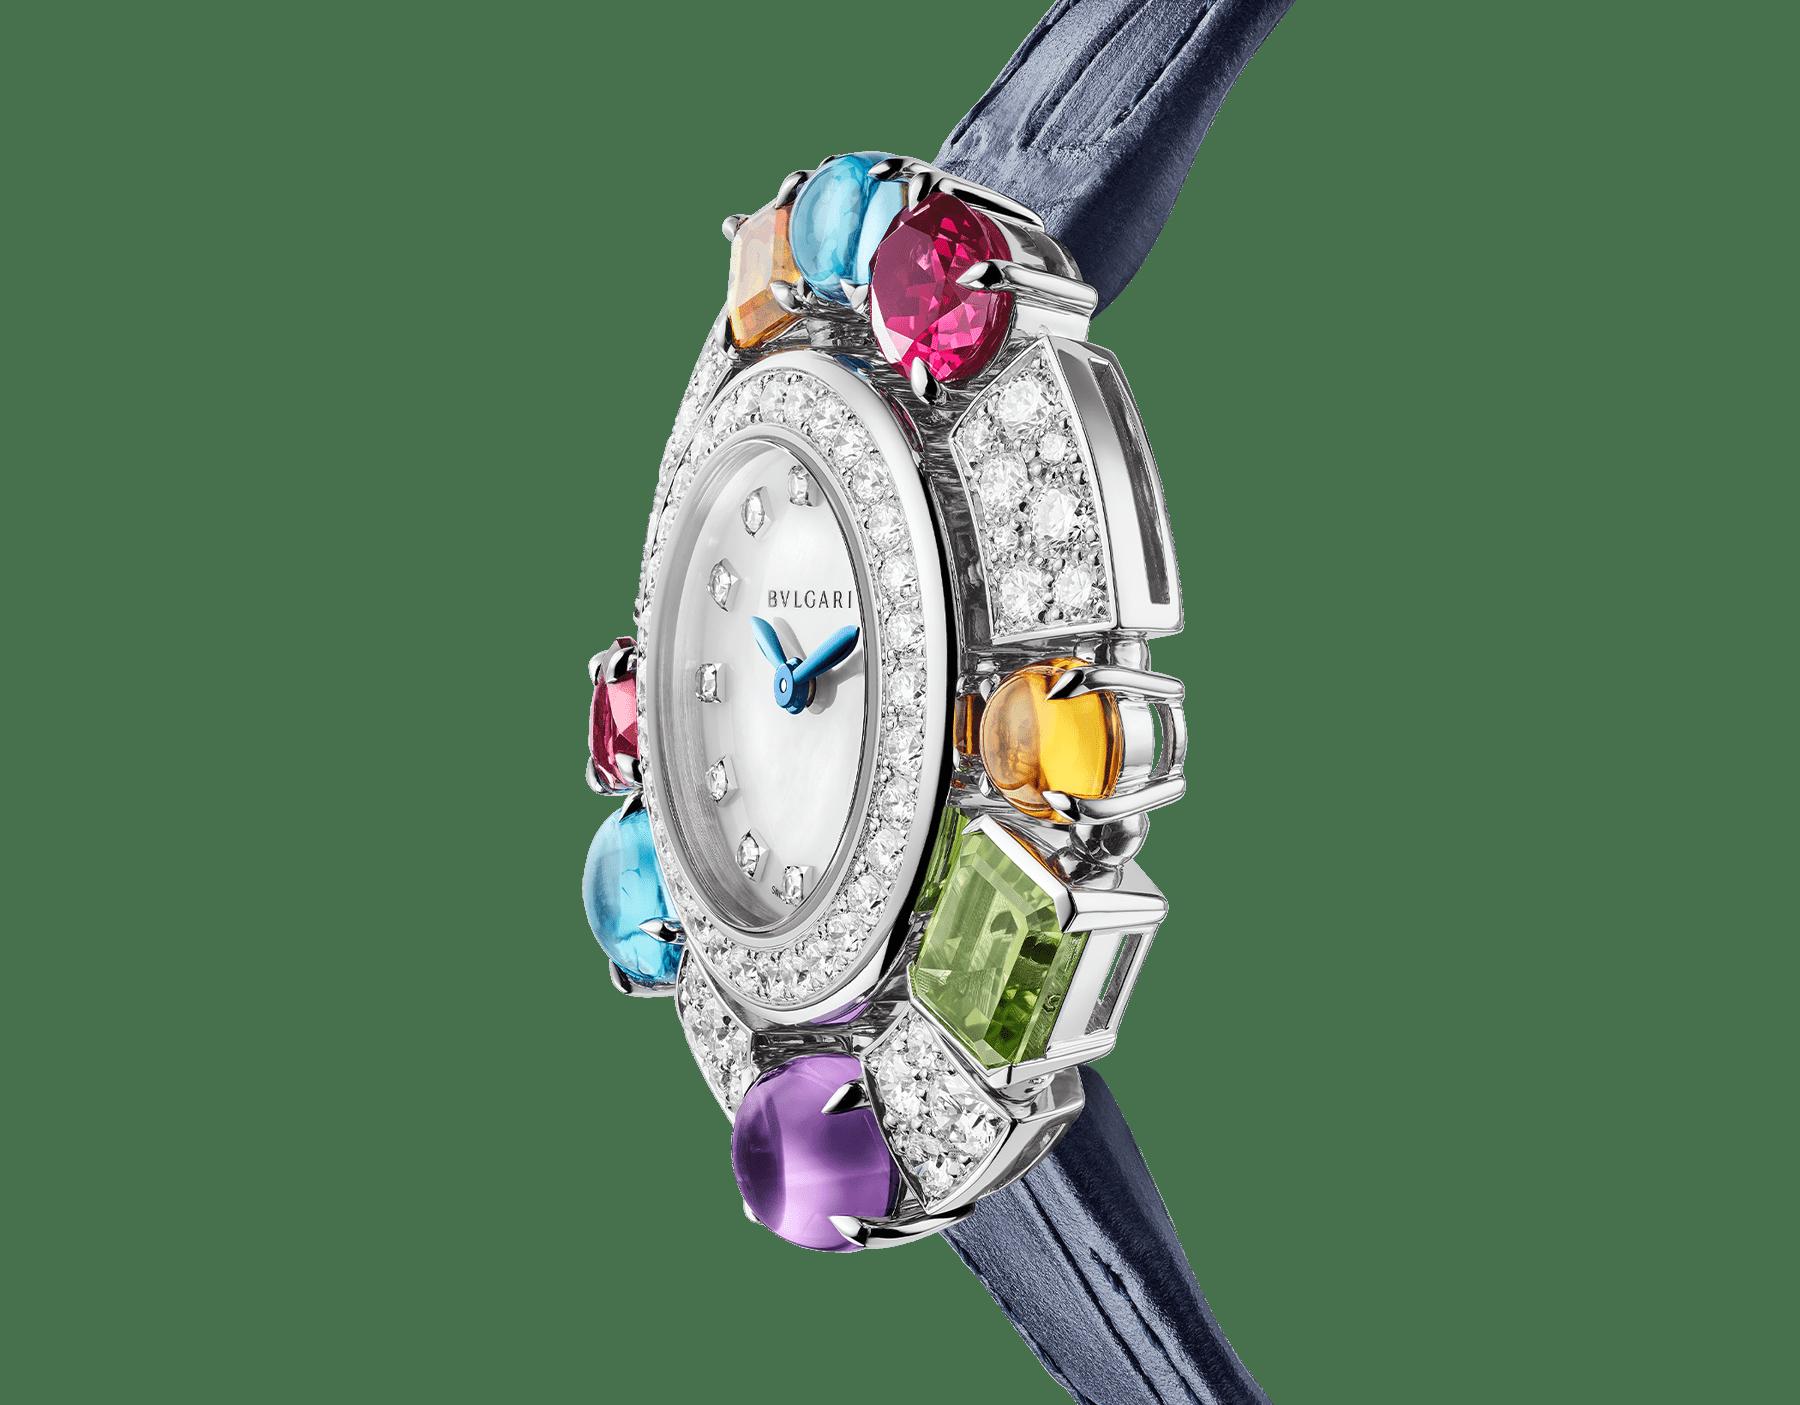 Allegra High Jewellery 頂級珠寶腕錶,18K 白金錶殼鑲飾明亮型切割鑽石、2 顆黃水晶、1 顆紫水晶、1 顆橄欖石、2 顆藍色拓帕石、2 顆玫瑰榴石。珍珠母貝錶盤,鑽石時標,藍色亮面鱷魚皮錶帶。防水深度 30 公尺。 103499 image 2